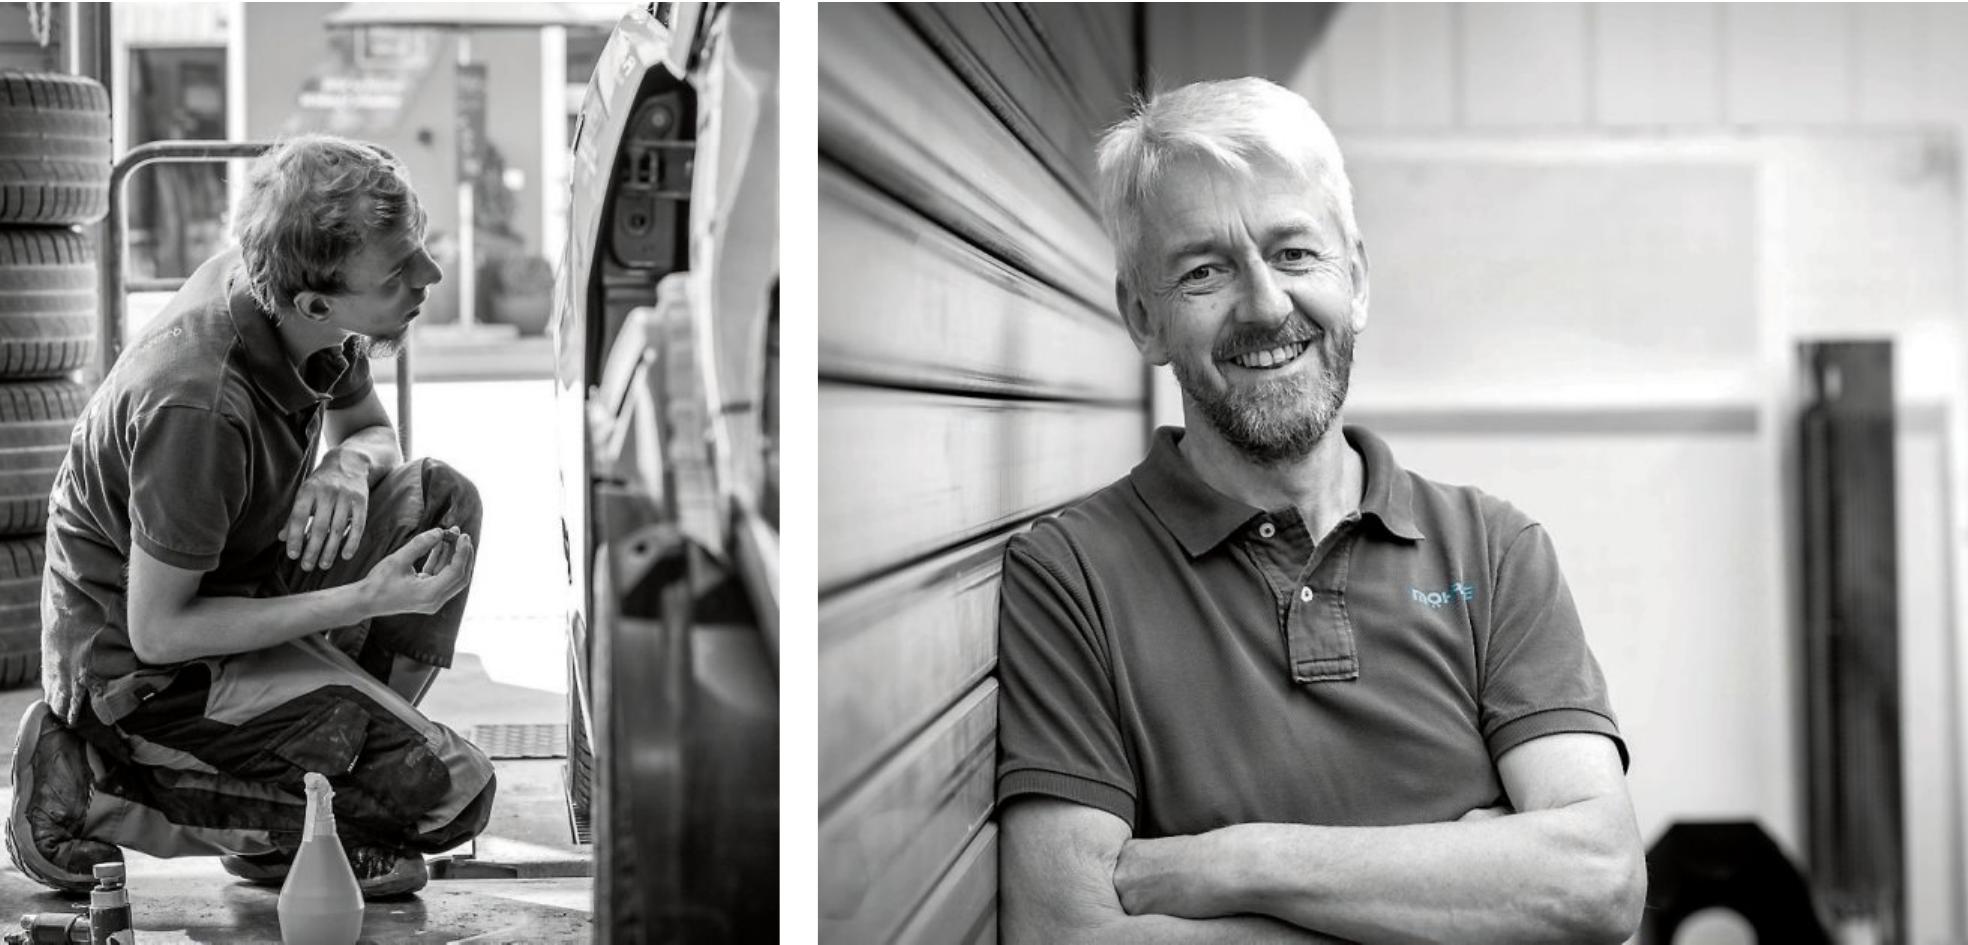 Jörg Möhrle (Bild re.) freut sich über seine Jubiläumsfeier im 26. Jahr. Der Betrieb ist spezialisiert auf Karosserie- und Lackierfacharbeiten und präsentiert sich unter www.traumlackierung.de Bilder: Möhrle